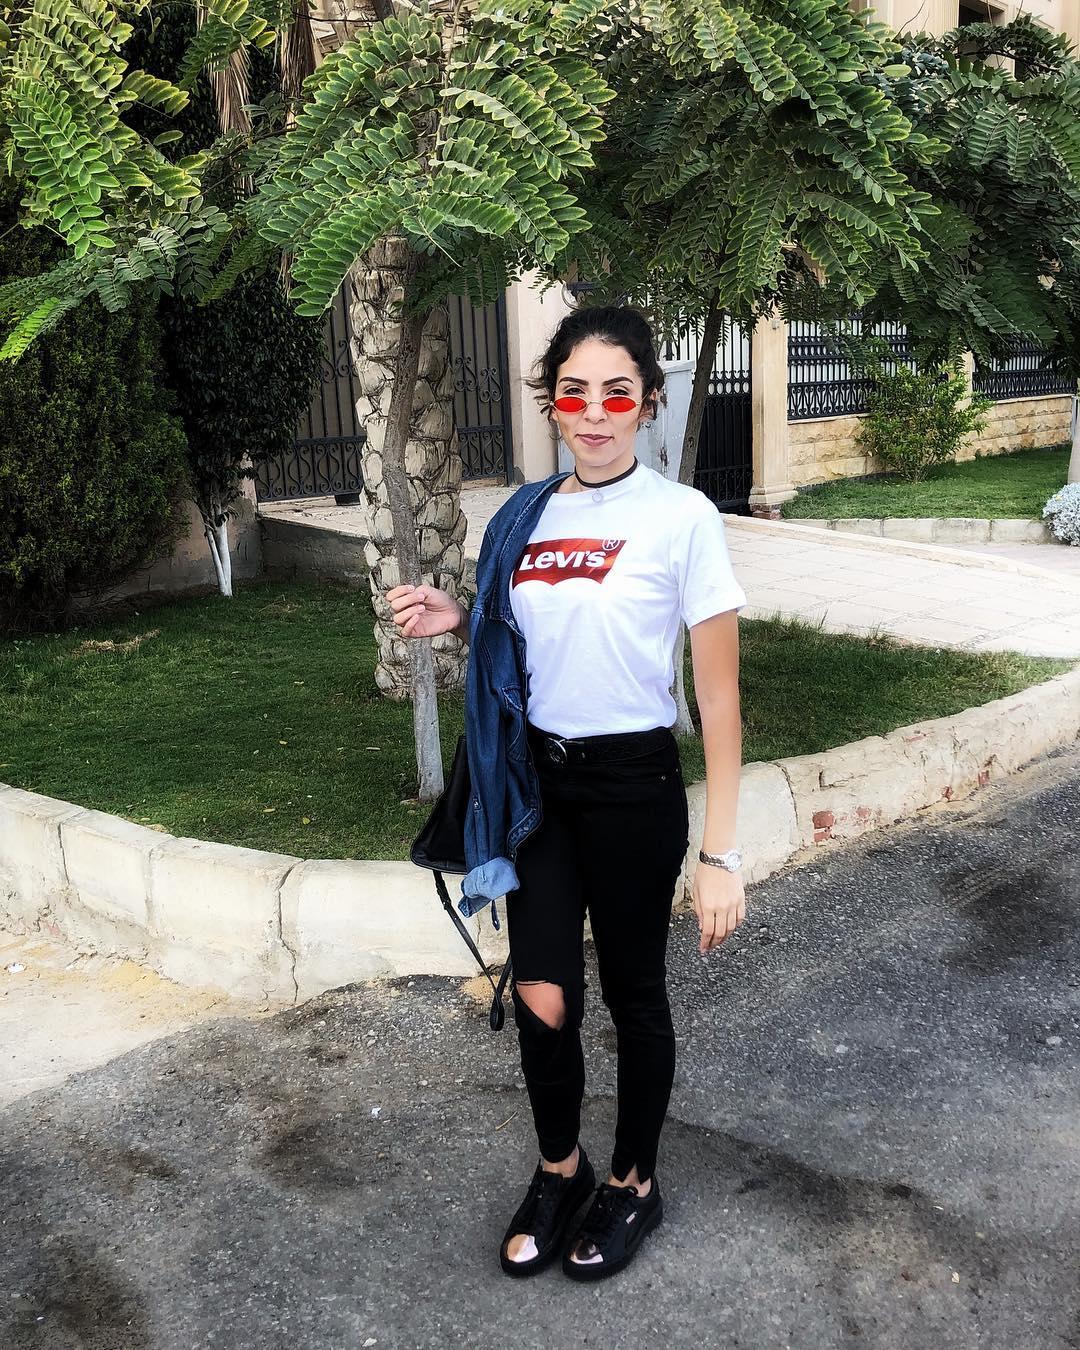 white levis t-shirt de Les Bourgeoises sur lols_world3